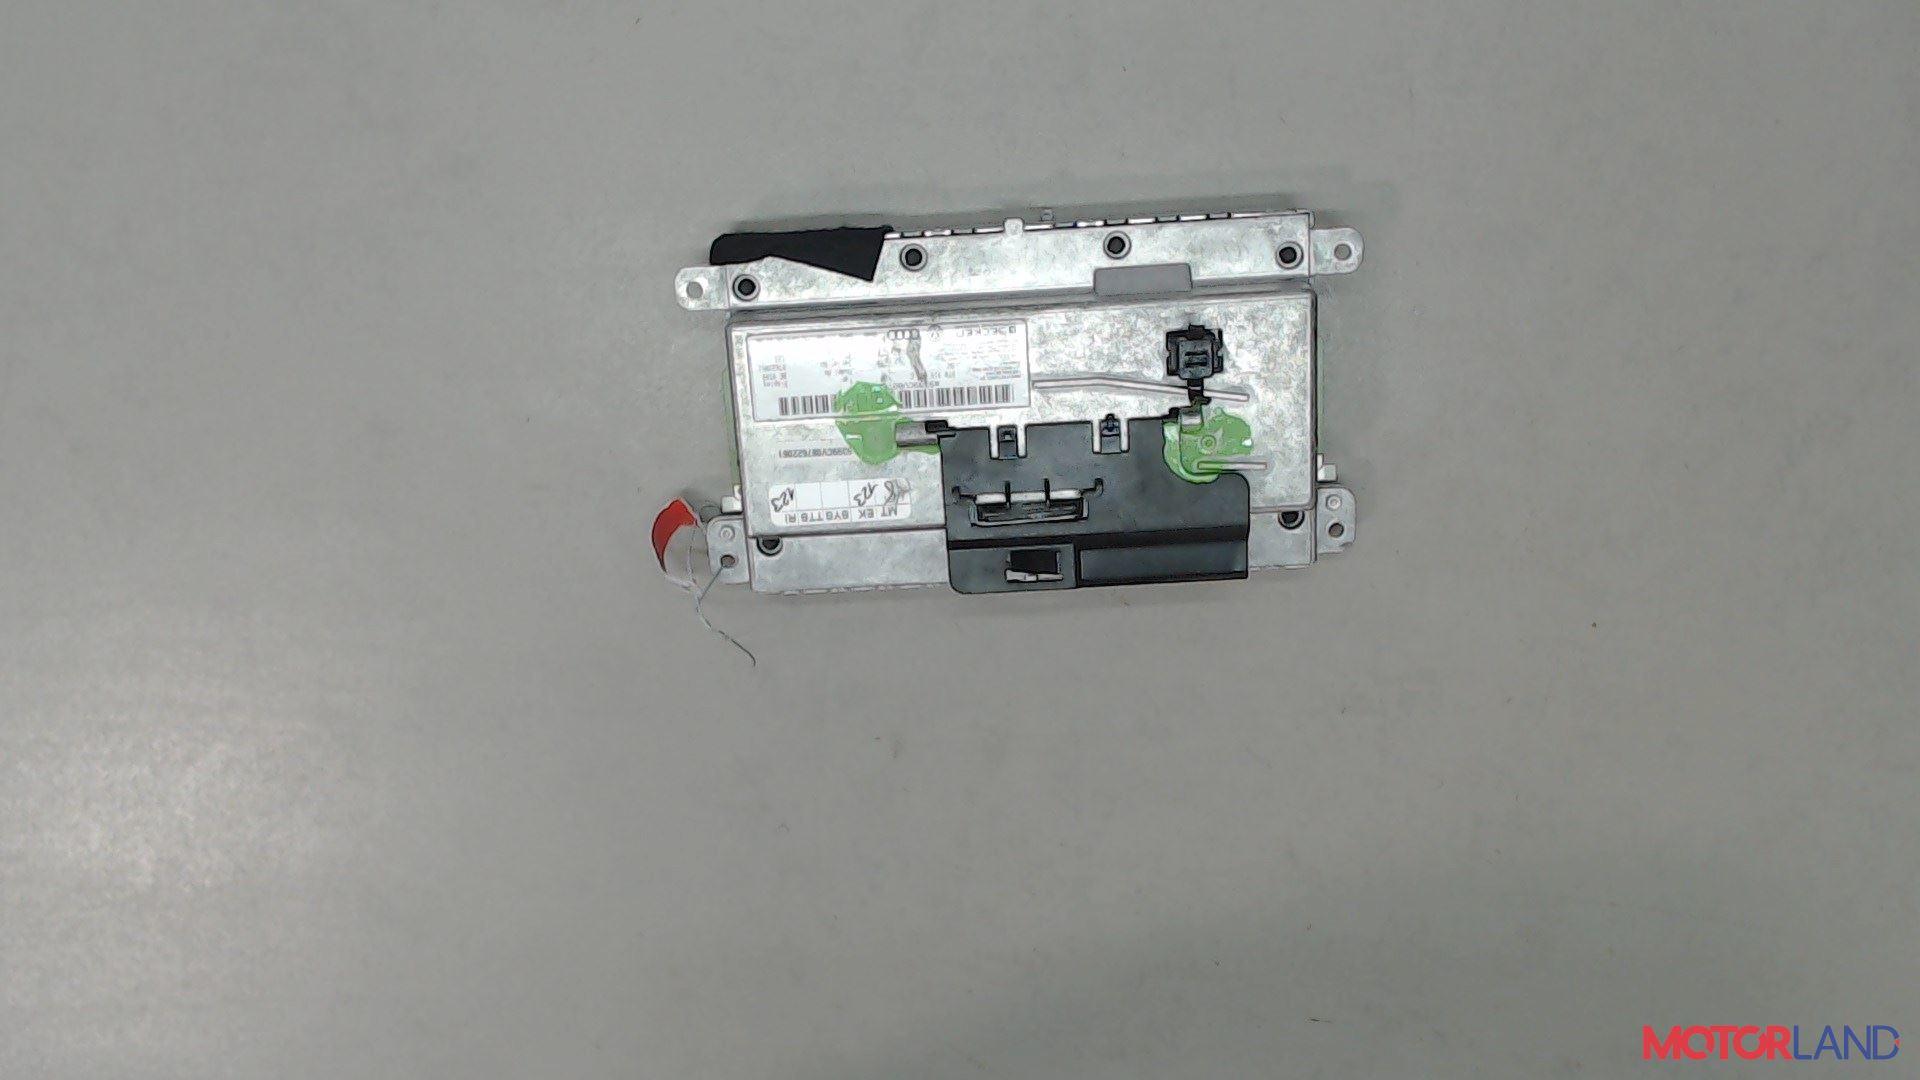 Дисплей компьютера (информационный) Audi A6 (C6) 2005-2011 2.7 л. 2008 BPP б/у #2